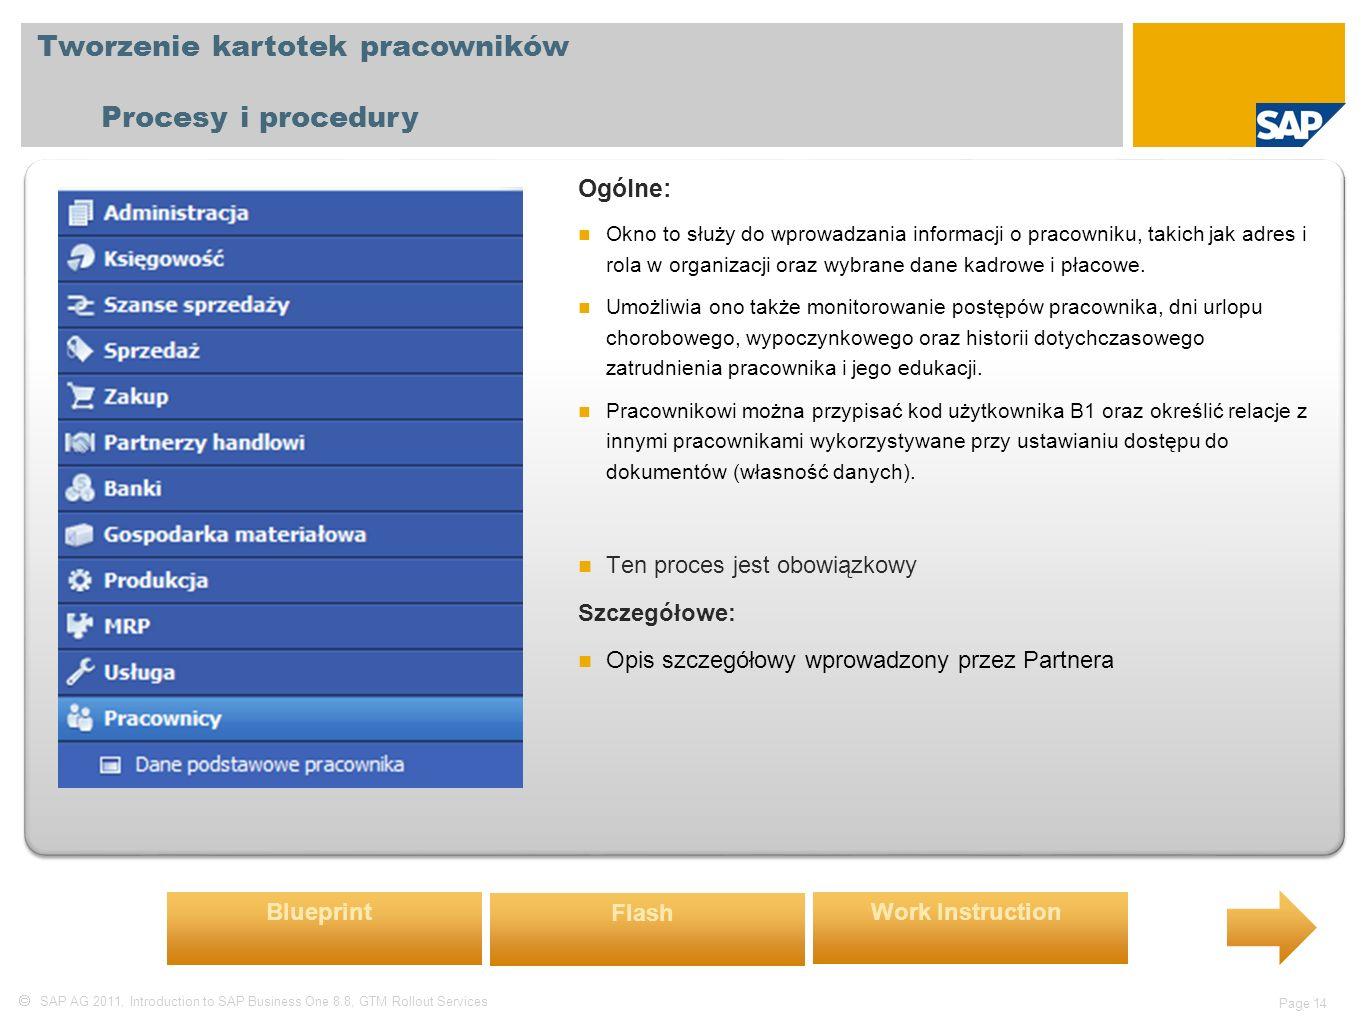  SAP AG 2011, Introduction to SAP Business One 8.8, GTM Rollout Services Page 14 Tworzenie kartotek pracowników Procesy i procedury Ogólne: Okno to służy do wprowadzania informacji o pracowniku, takich jak adres i rola w organizacji oraz wybrane dane kadrowe i płacowe.